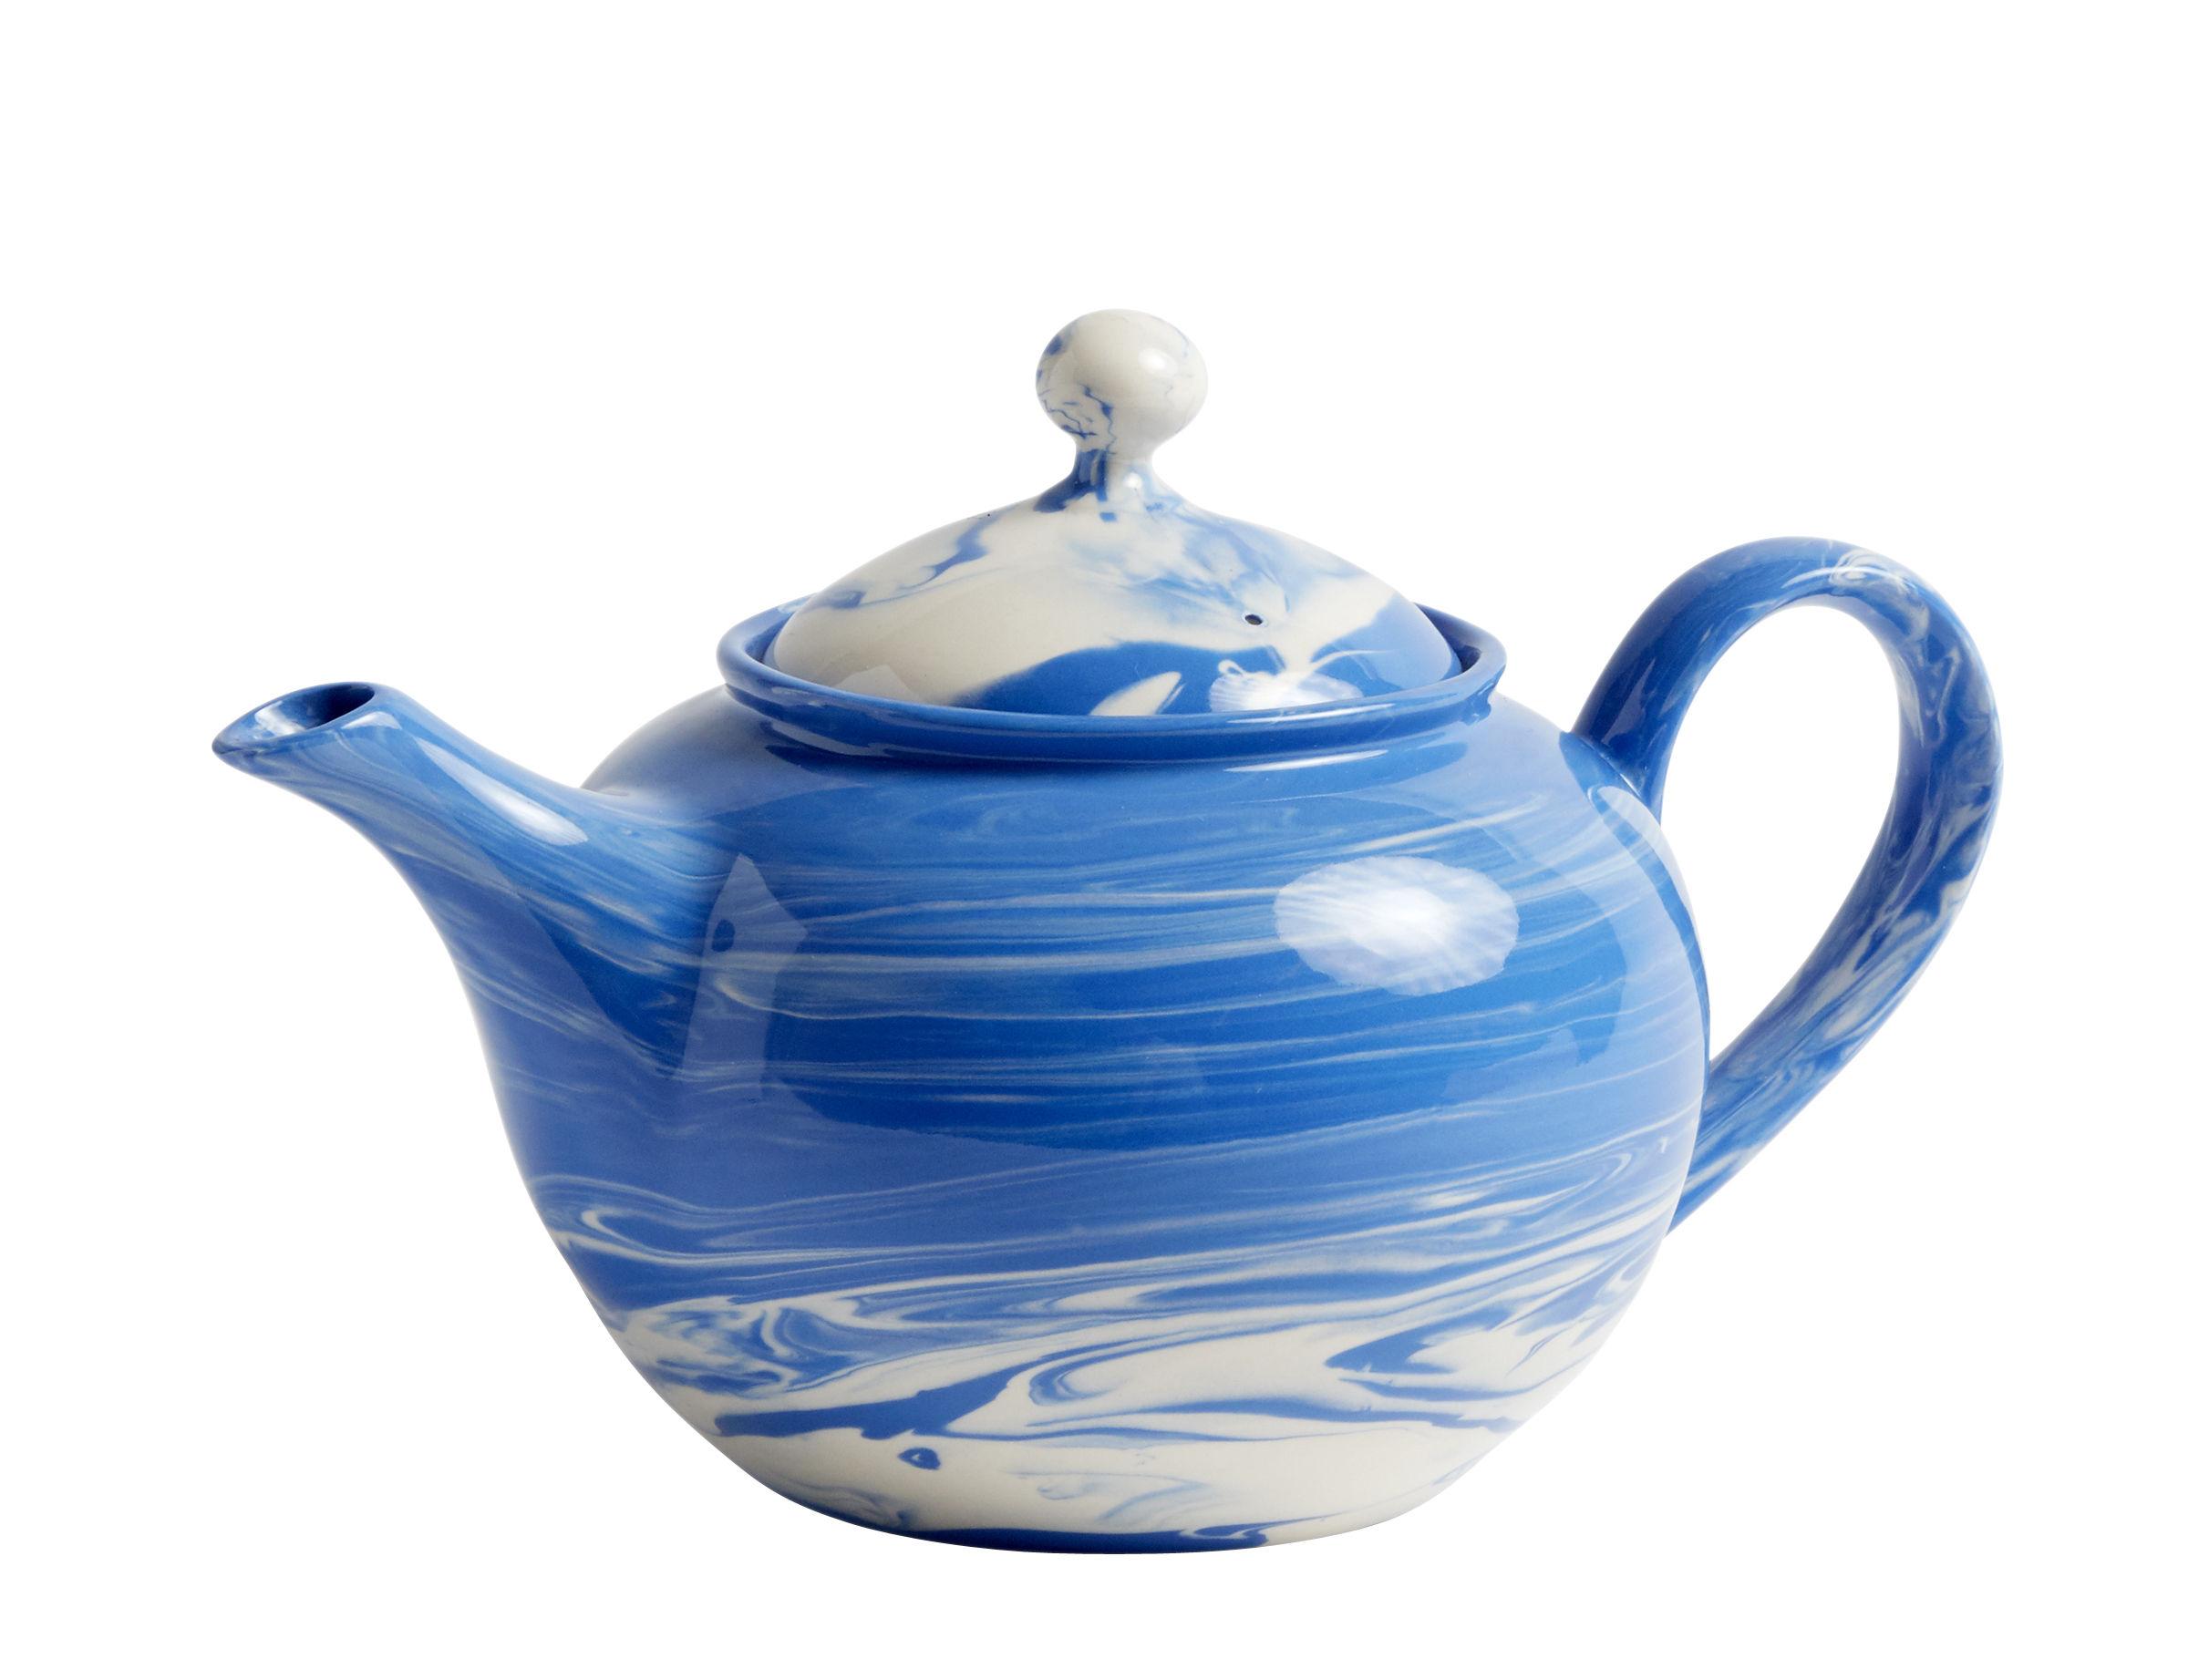 Tischkultur - Tee und Kaffee - Marbled Teekanne / 0,8 l - Porzellan - Hay - Blau - Porzellan, Sandstein